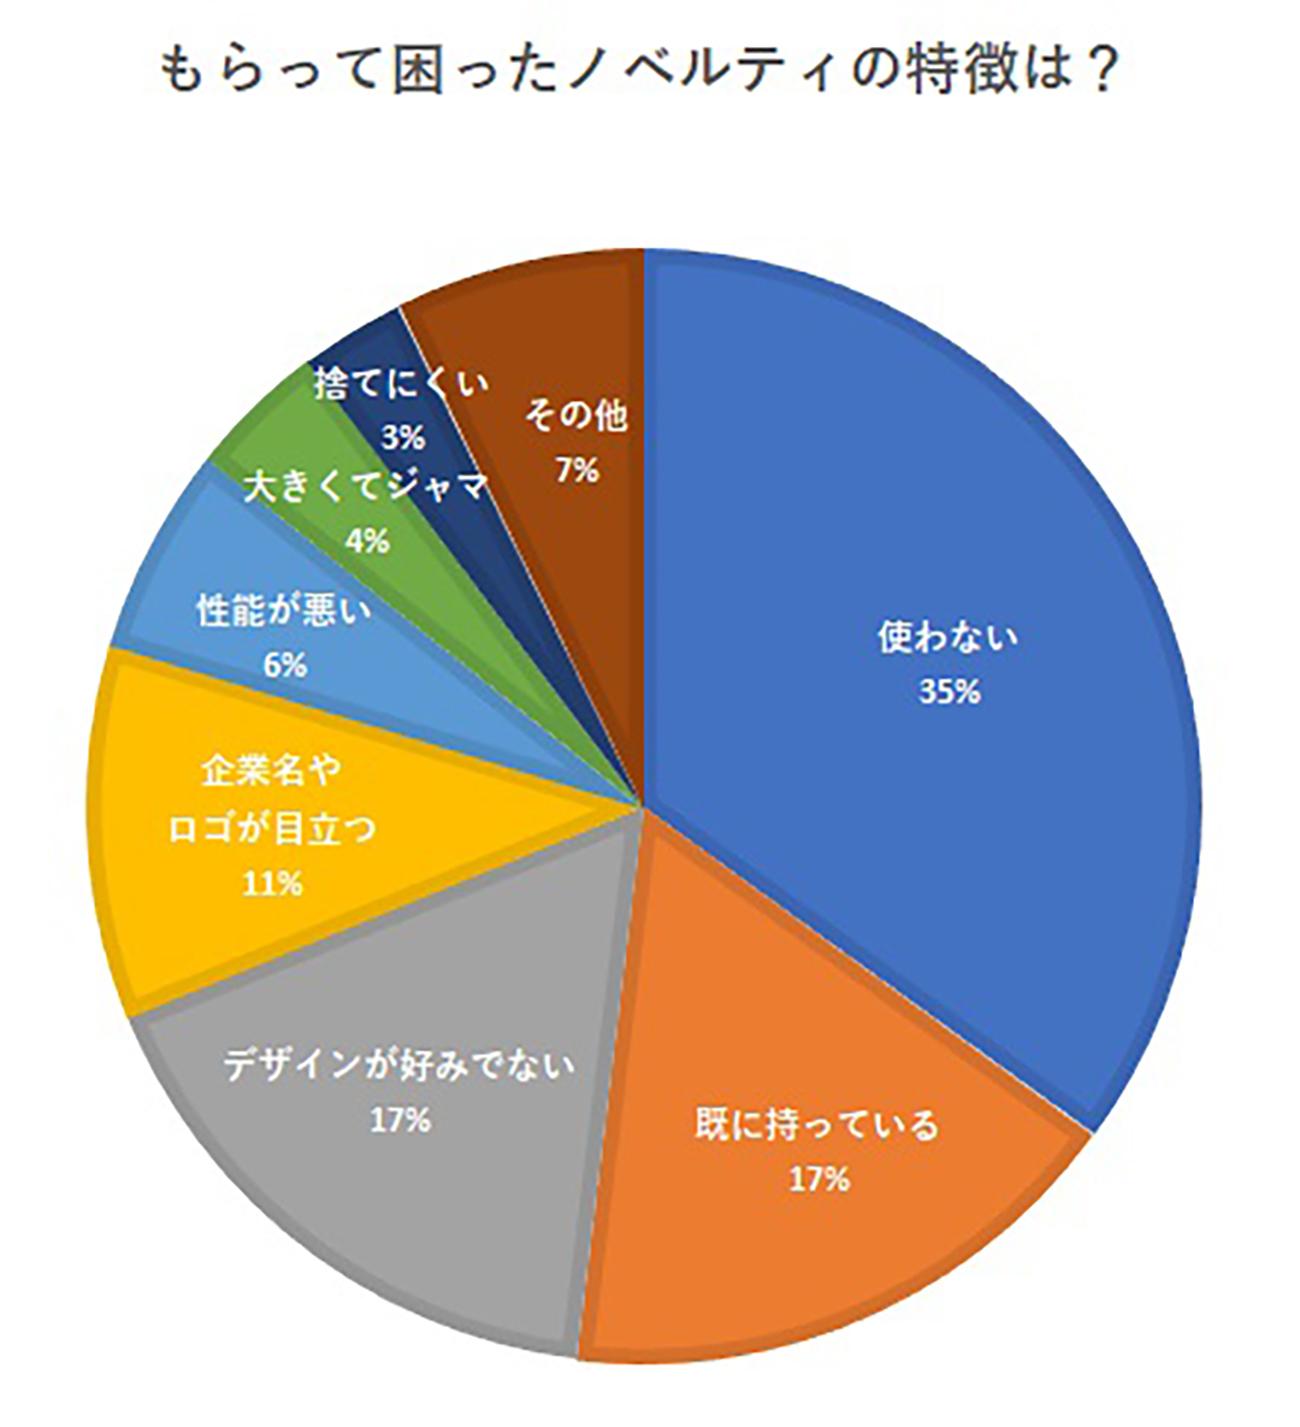 アンケート集計結果3